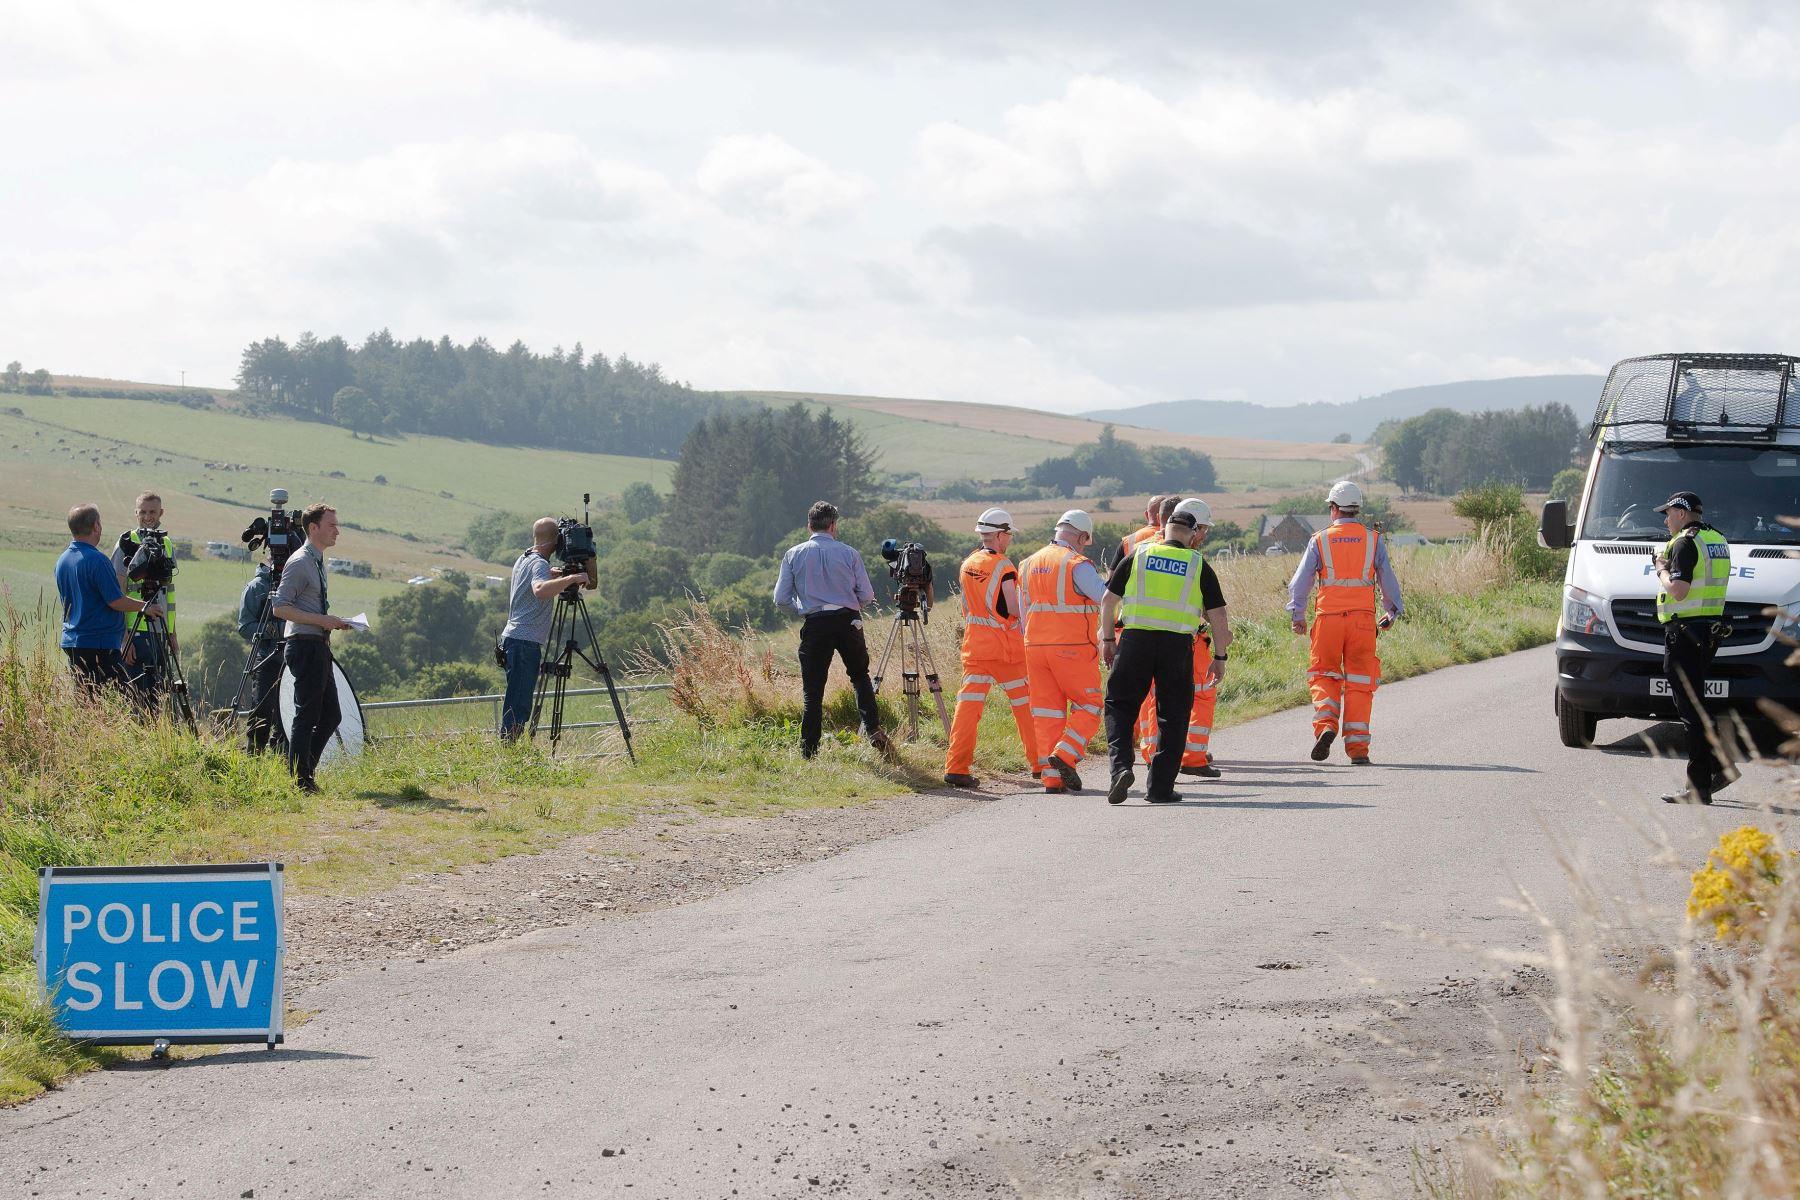 Equipos de respuesta de emergencia están estacionados cerca de la escena de un accidente de tren en Stonehaven en el noreste de Escocia.   Foto:AFP